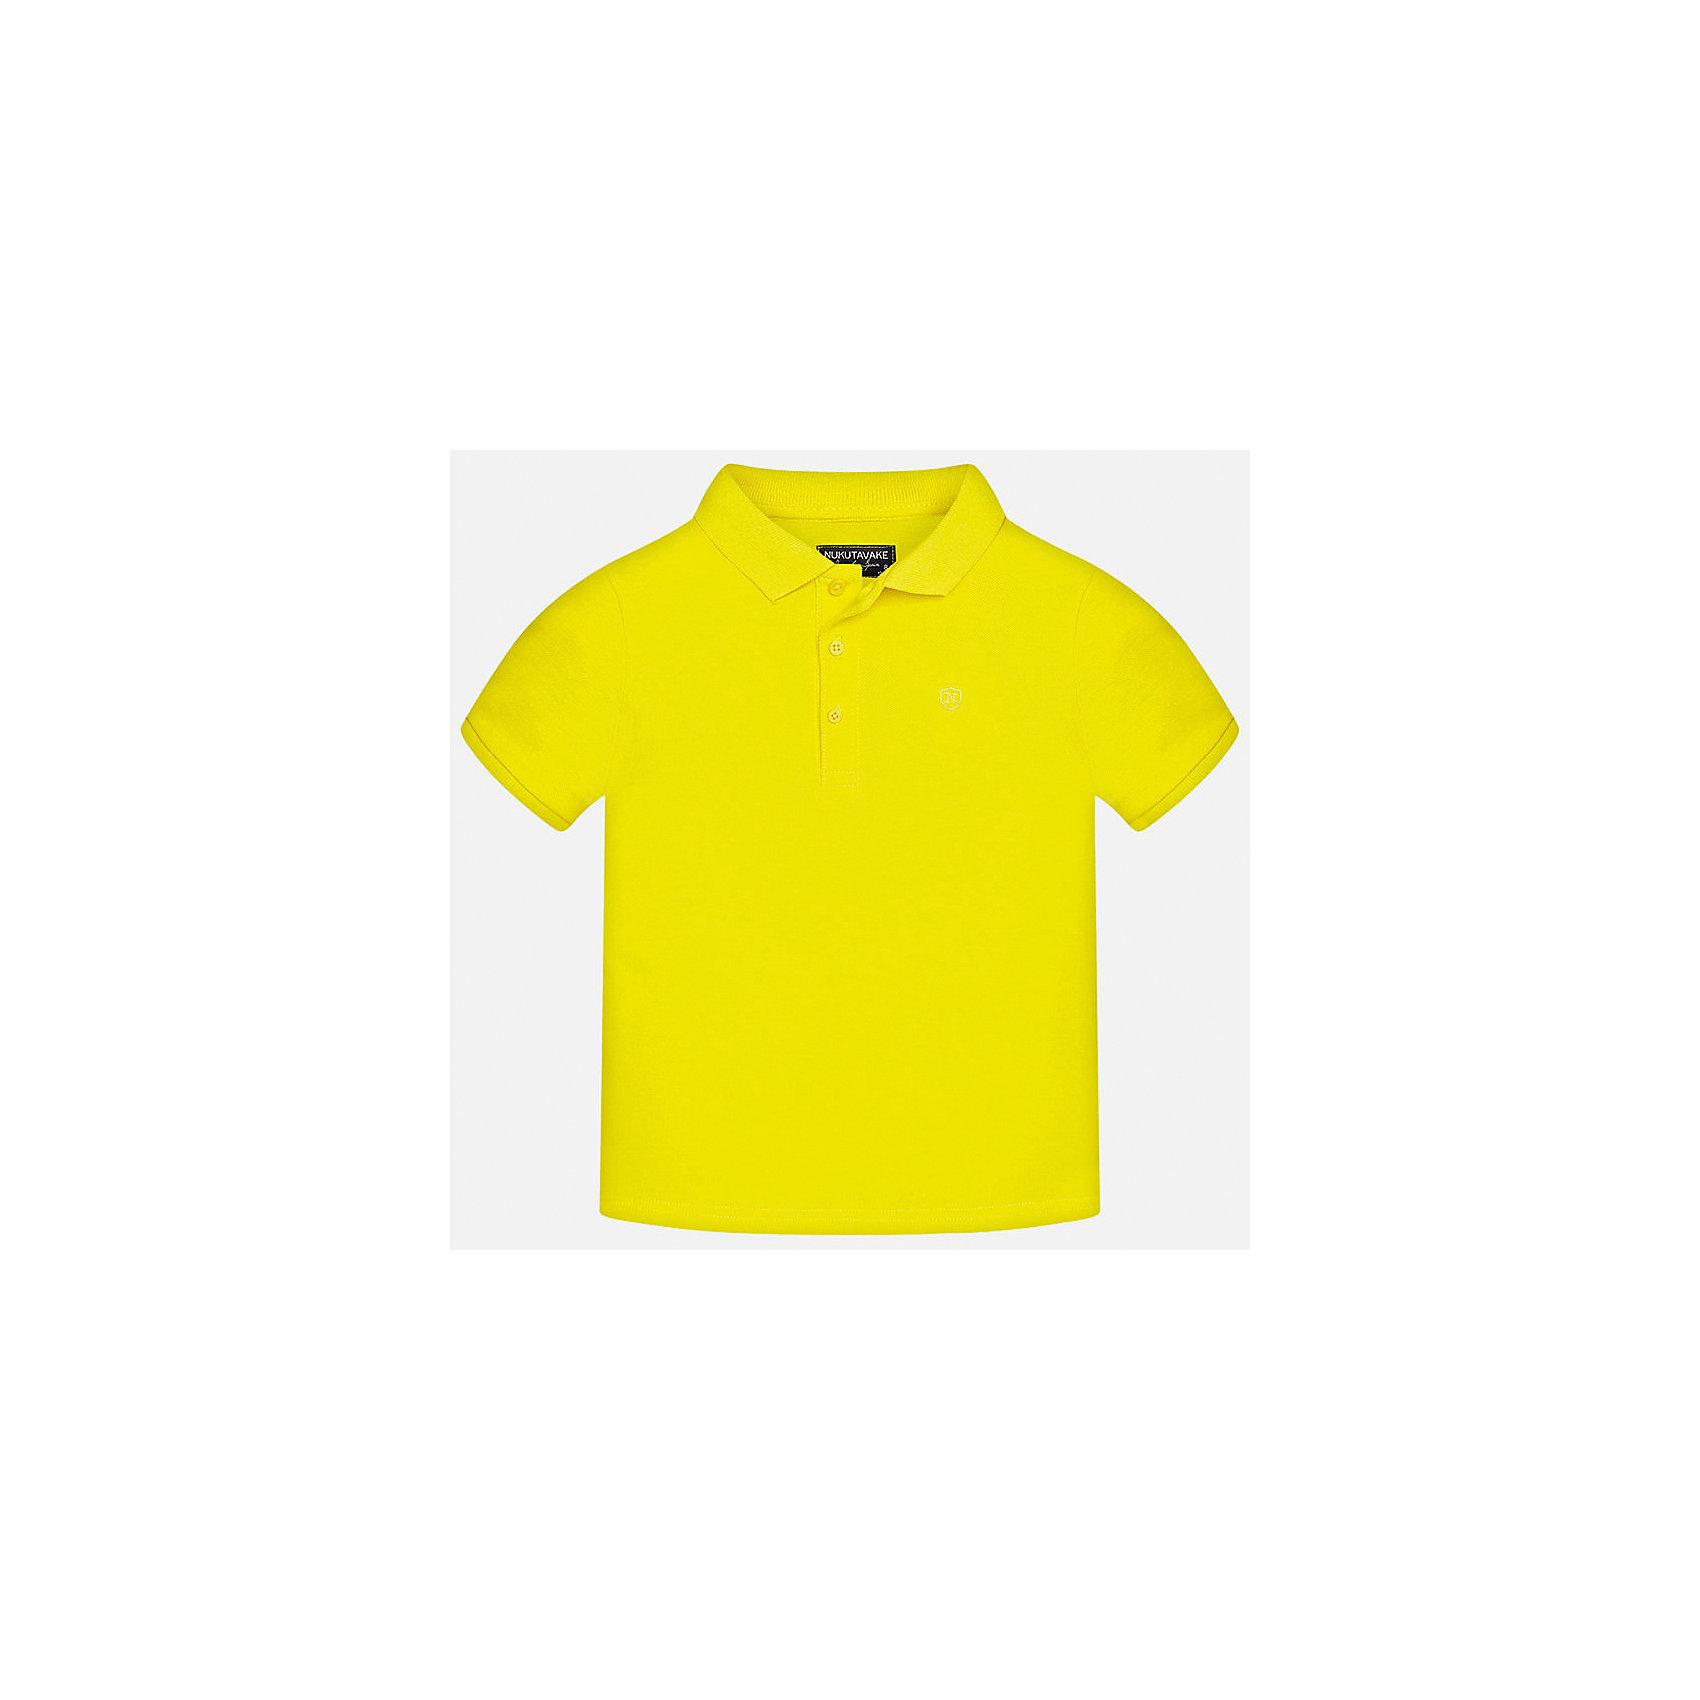 Футболка-поло для мальчика MayoralФутболки, поло и топы<br>Характеристики товара:<br><br>• цвет: желтый<br>• состав: 100% хлопок<br>• отложной воротник<br>• короткие рукава<br>• застежка: пуговицы<br>• страна бренда: Испания<br><br>Удобная и модная футболка-поло для мальчика может стать базовой вещью в гардеробе ребенка. Она отлично сочетается с брюками, шортами, джинсами и т.д. Универсальный крой и цвет позволяет подобрать к вещи низ разных расцветок. Практичное и стильное изделие! В составе материала - только натуральный хлопок, гипоаллергенный, приятный на ощупь, дышащий.<br><br>Одежда, обувь и аксессуары от испанского бренда Mayoral полюбились детям и взрослым по всему миру. Модели этой марки - стильные и удобные. Для их производства используются только безопасные, качественные материалы и фурнитура. Порадуйте ребенка модными и красивыми вещами от Mayoral! <br><br>Футболку-поло для мальчика от испанского бренда Mayoral (Майорал) можно купить в нашем интернет-магазине.<br><br>Ширина мм: 230<br>Глубина мм: 40<br>Высота мм: 220<br>Вес г: 250<br>Цвет: желтый<br>Возраст от месяцев: 120<br>Возраст до месяцев: 132<br>Пол: Мужской<br>Возраст: Детский<br>Размер: 152,158,140,170,128/134,164<br>SKU: 5278335